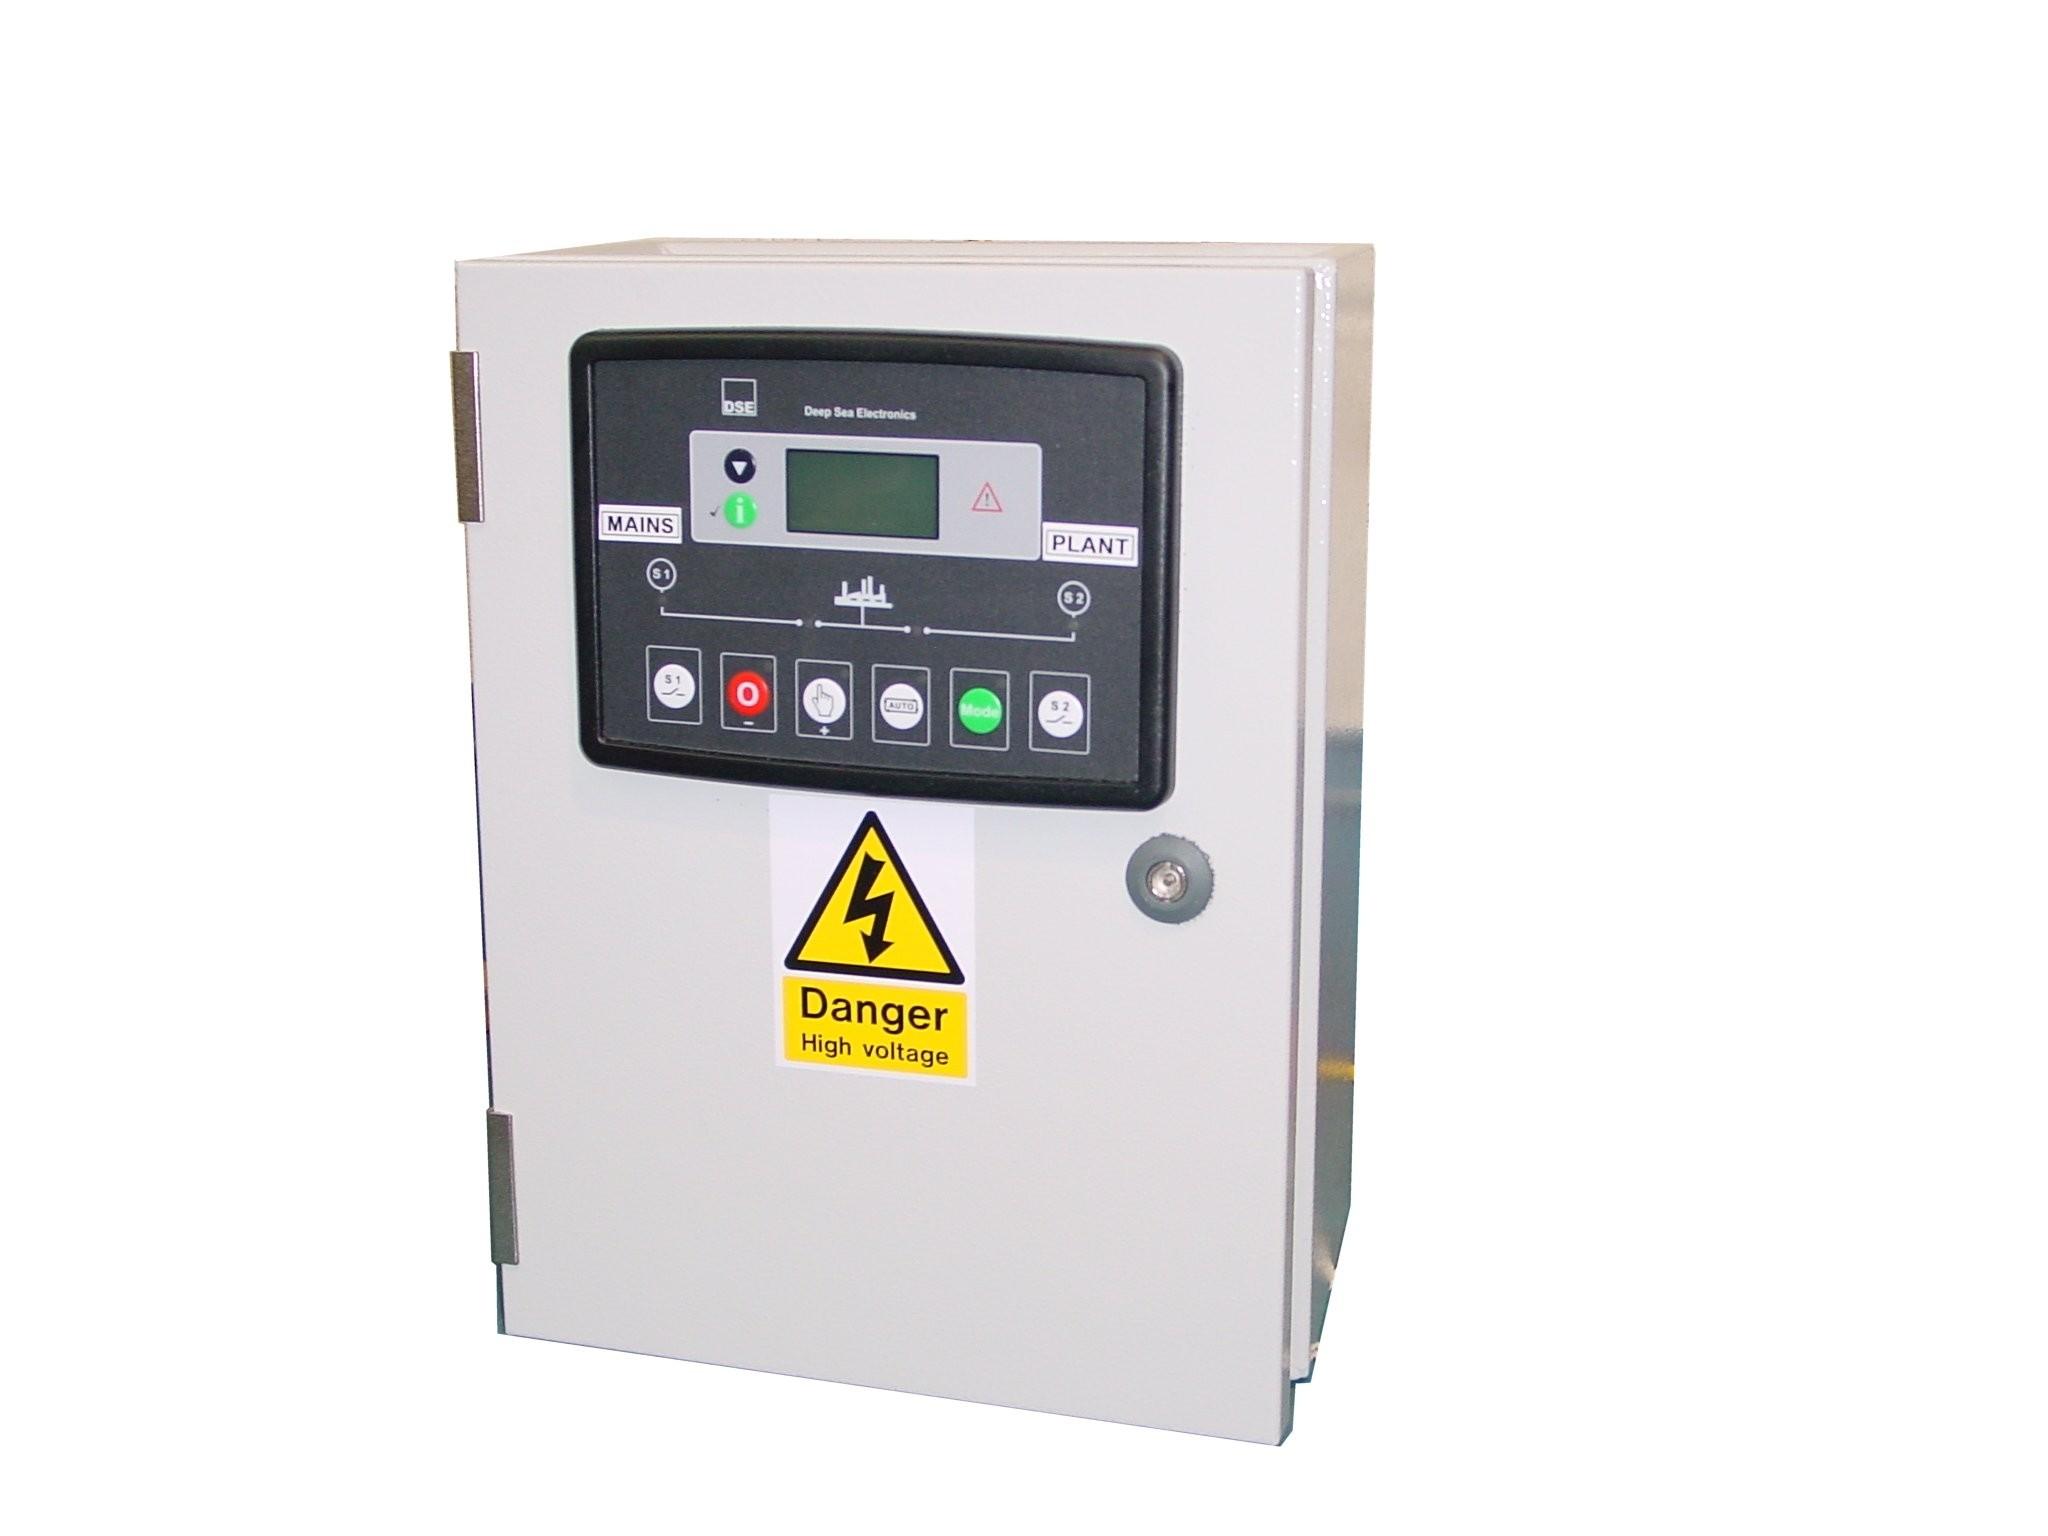 125A ATS 3 Phase 400V, DSE334, ABB Contactors